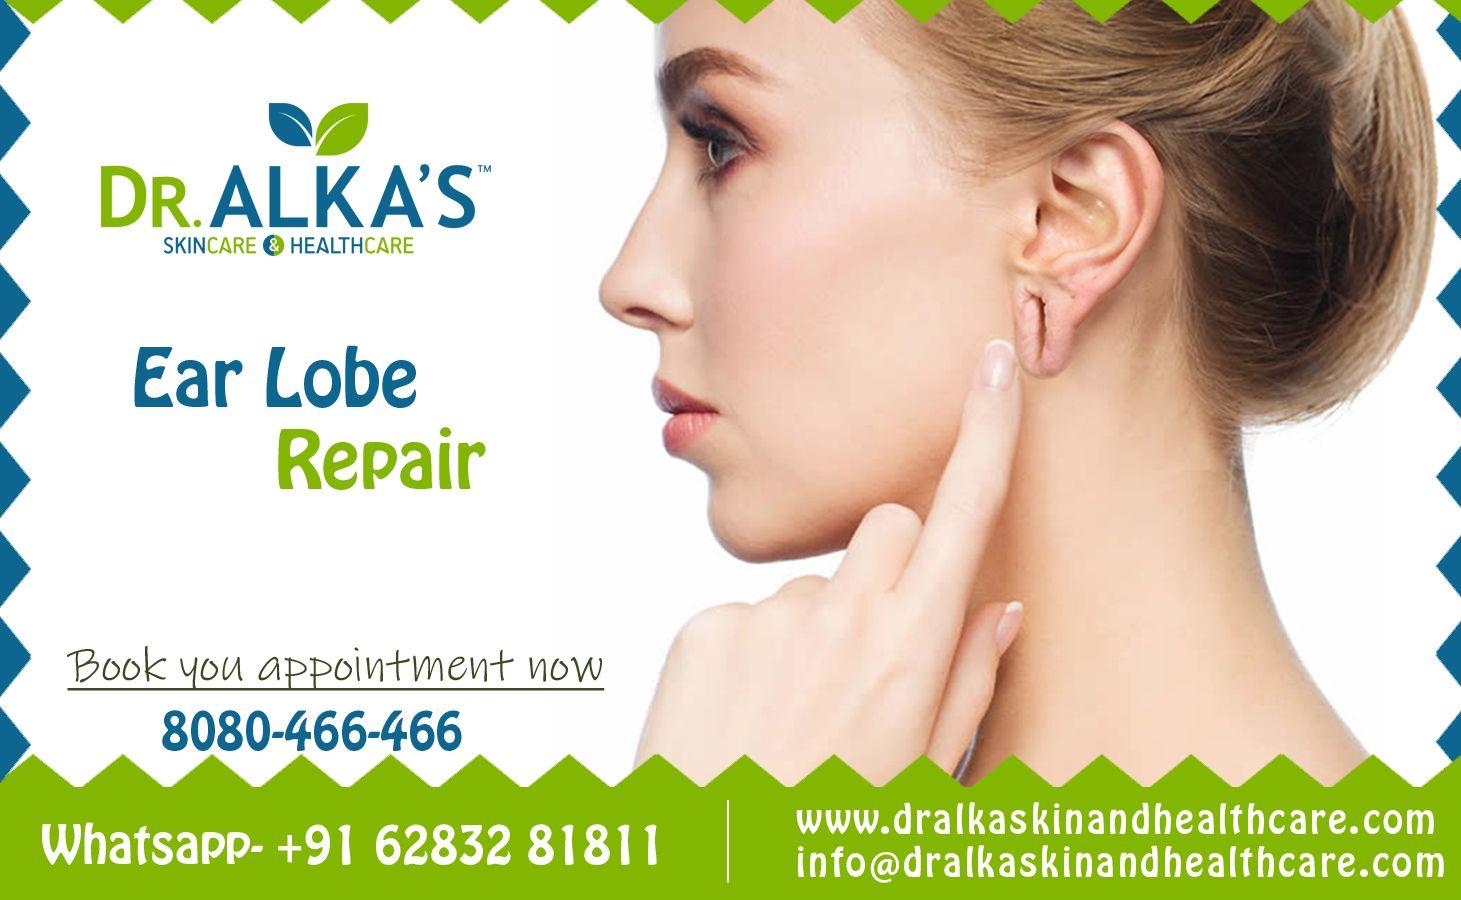 Ear Lobe Repair In 2020 Skin Care Repair Health Care